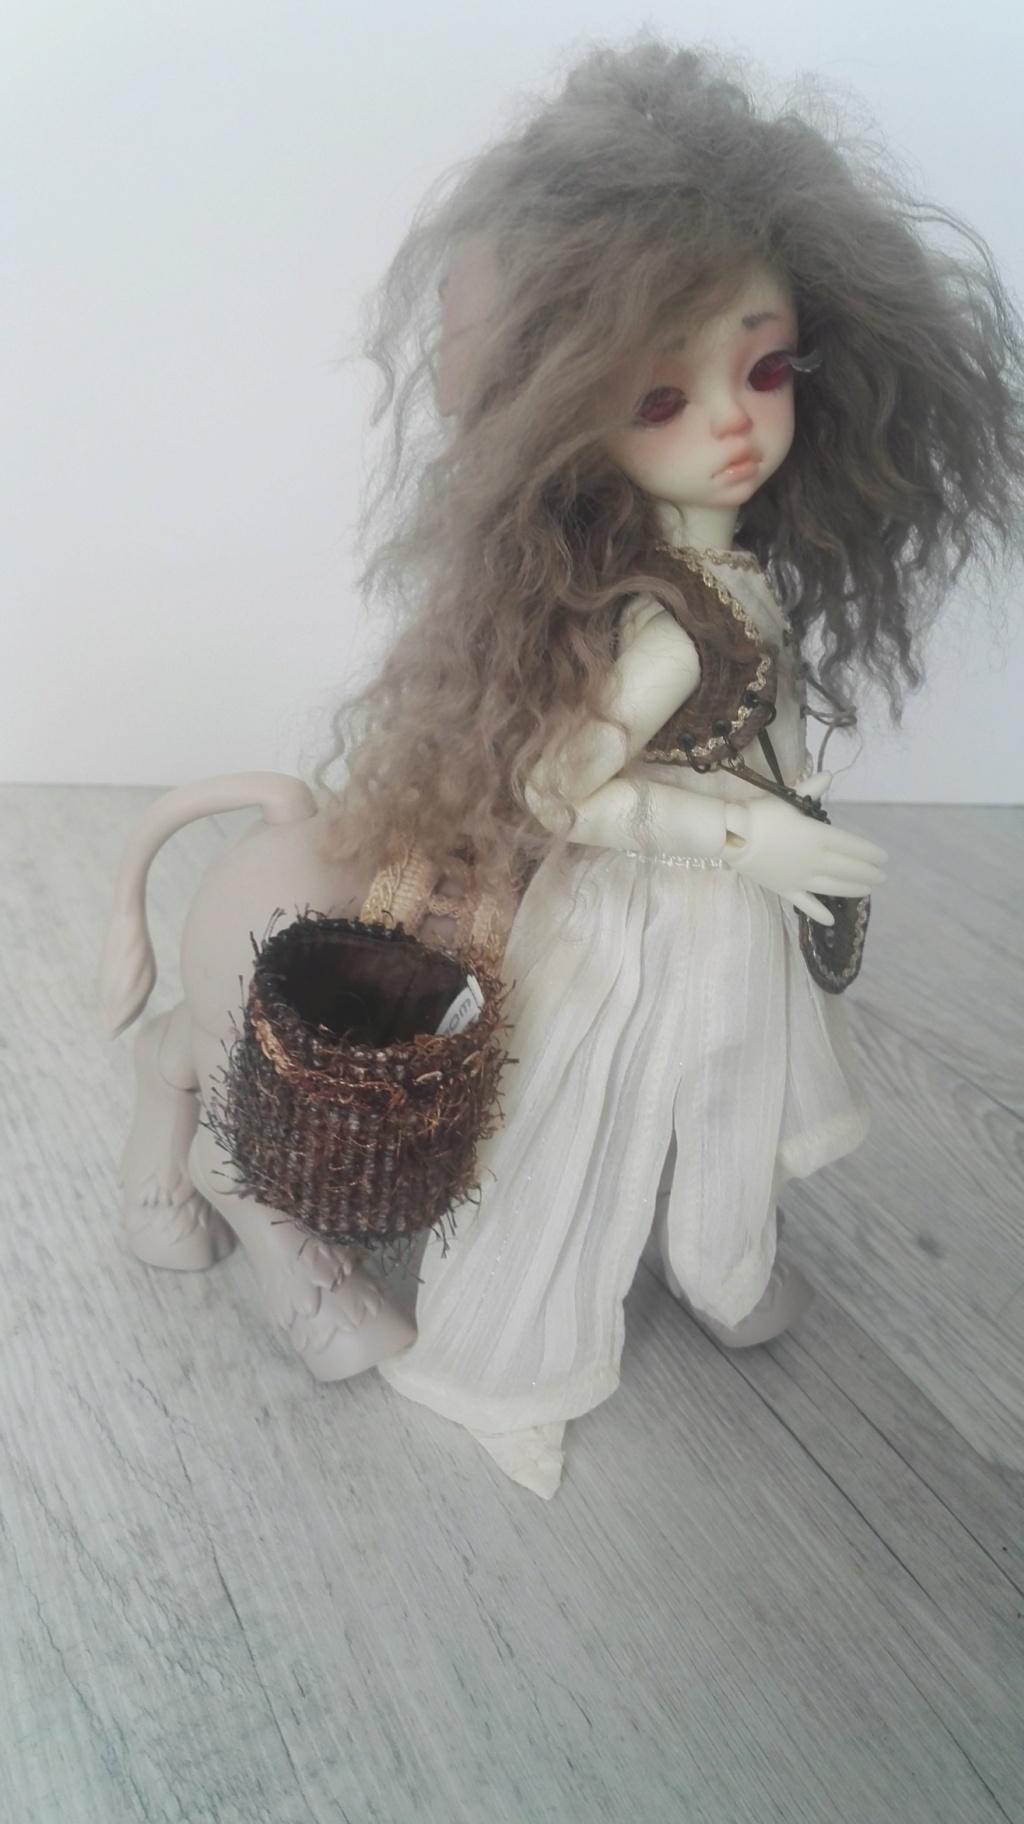 [vente] Noble dolls Reglisse-Mr Quenotte - Lati &+++ Img_2033